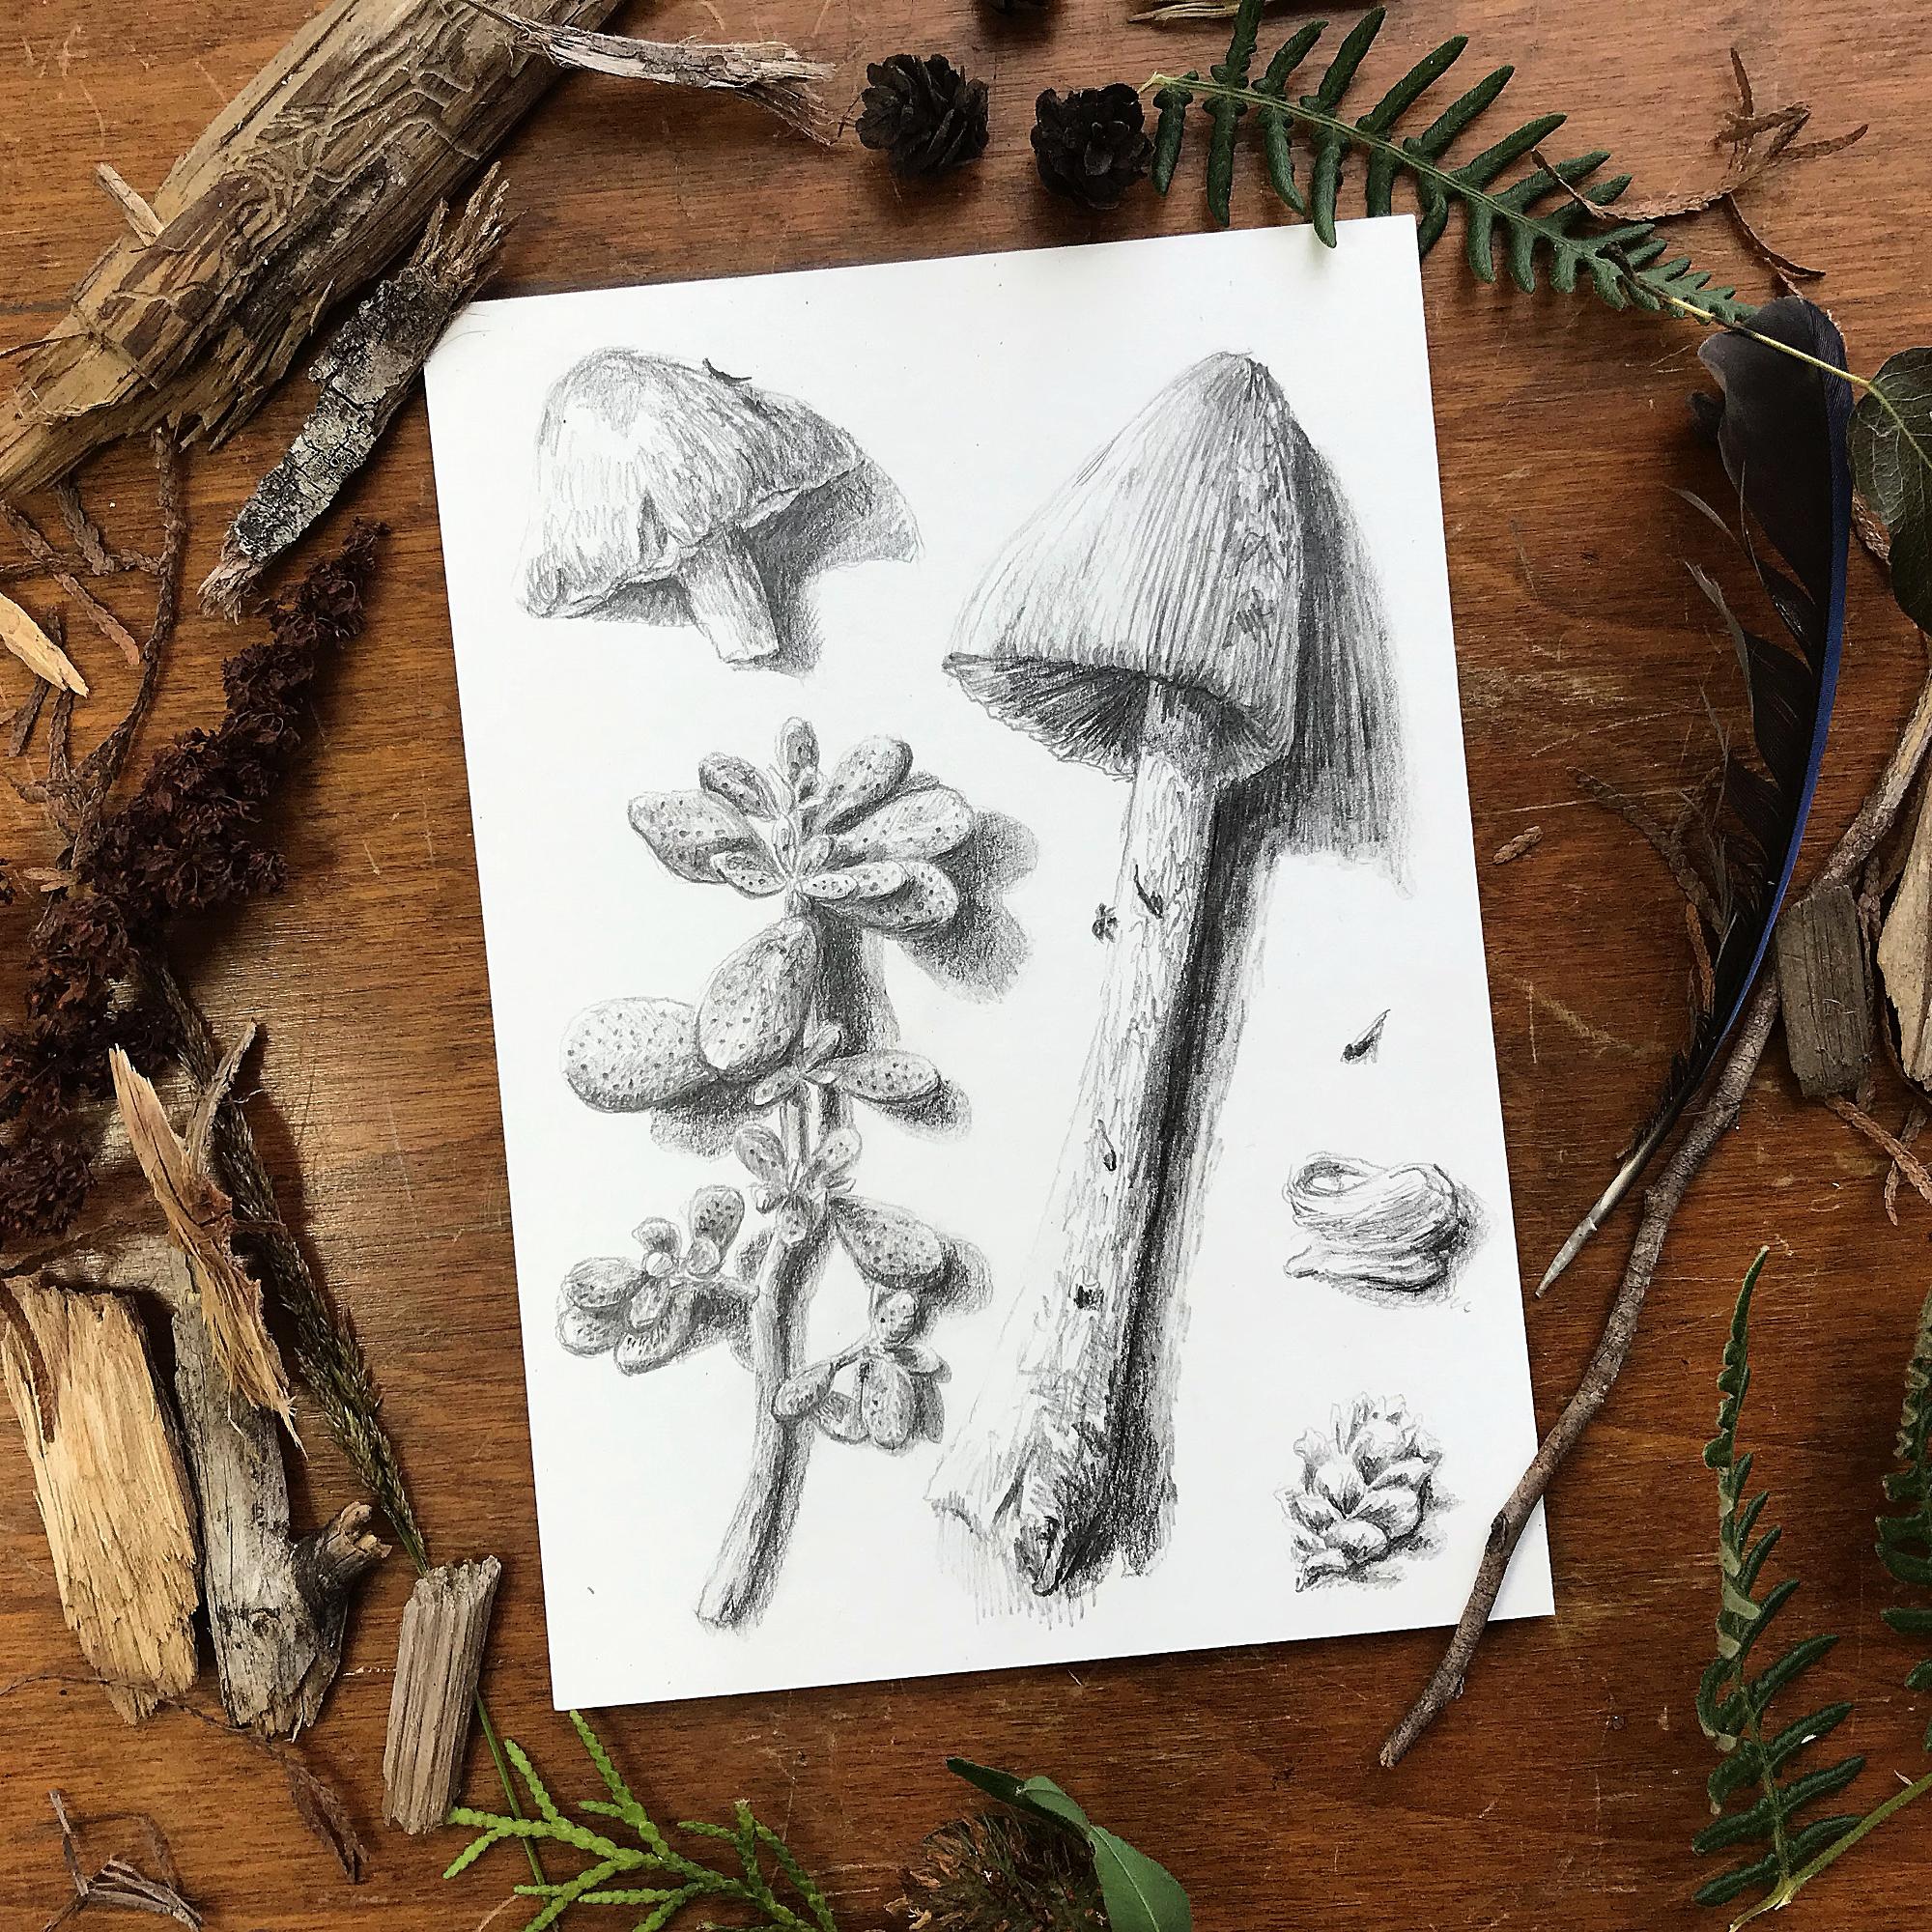 Kamloops_Forest_Finds_sketch_Nigel_Sutcliffe_web.JPG